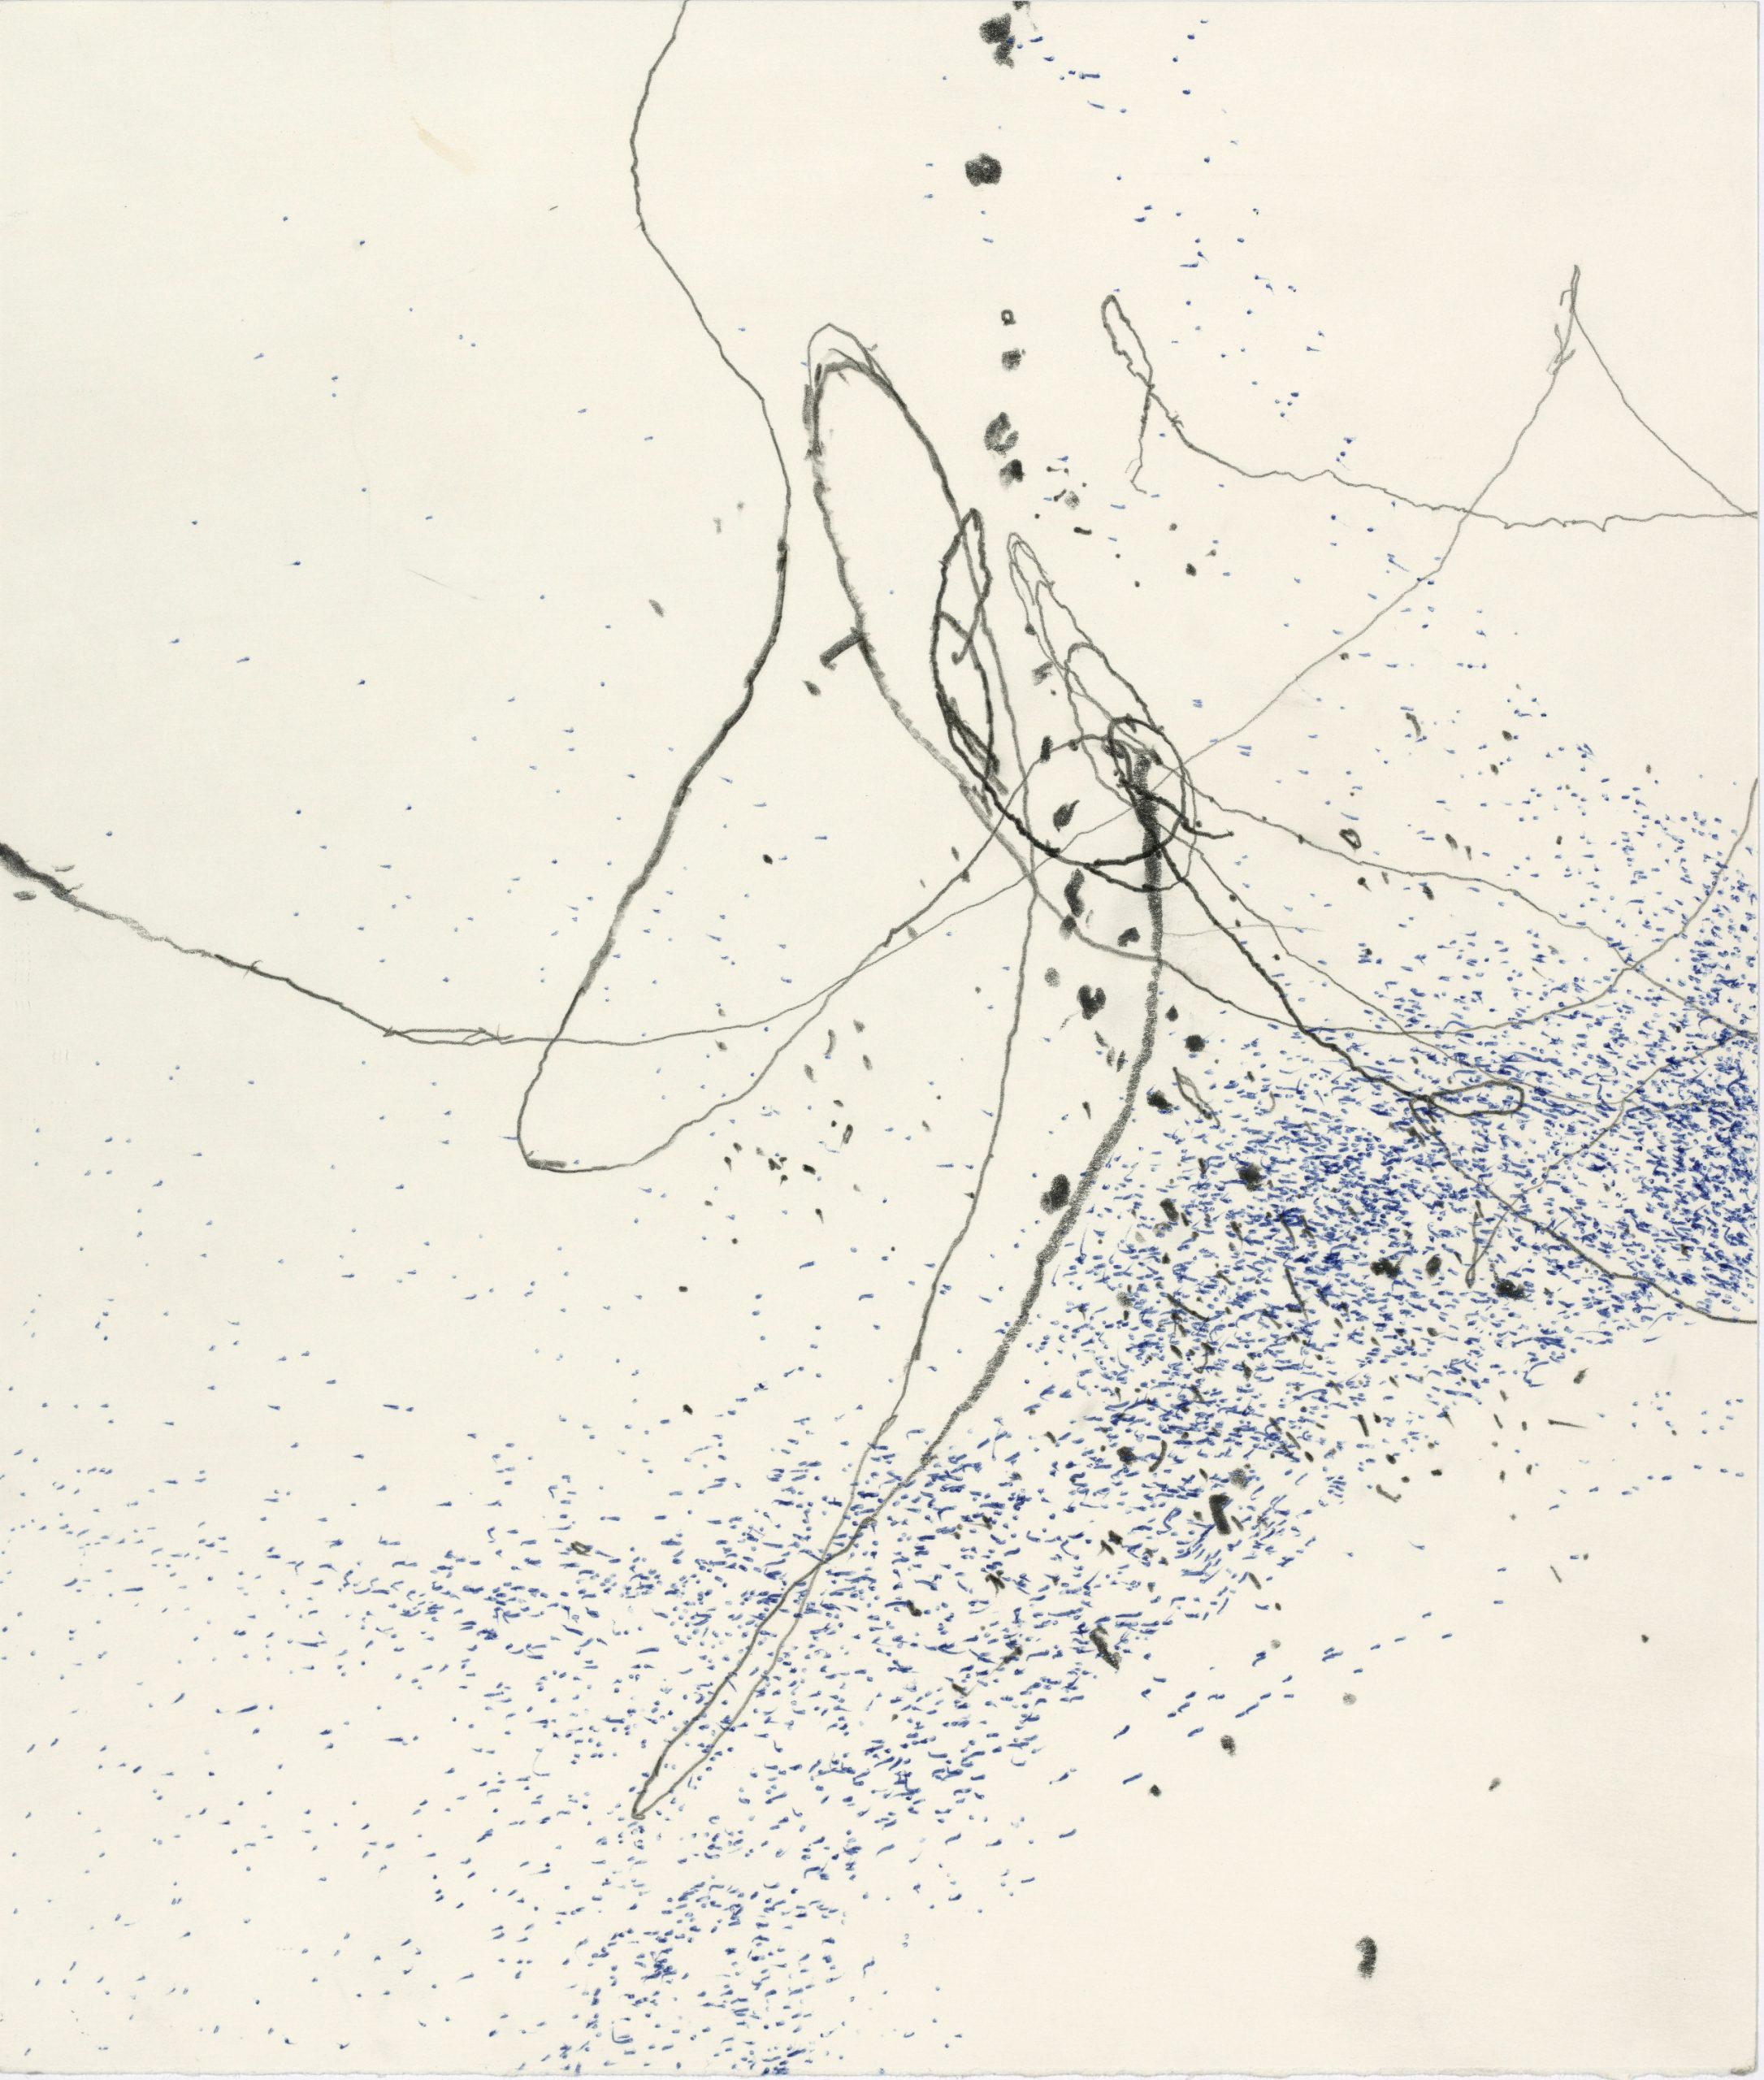 Paco Knöller, es weiss voneinander, Bleistift und Kugeschreiber auf Papier, 2019, Foto Jochen Littkemann, Courtesy Galerie Thomas Schulte Berlin